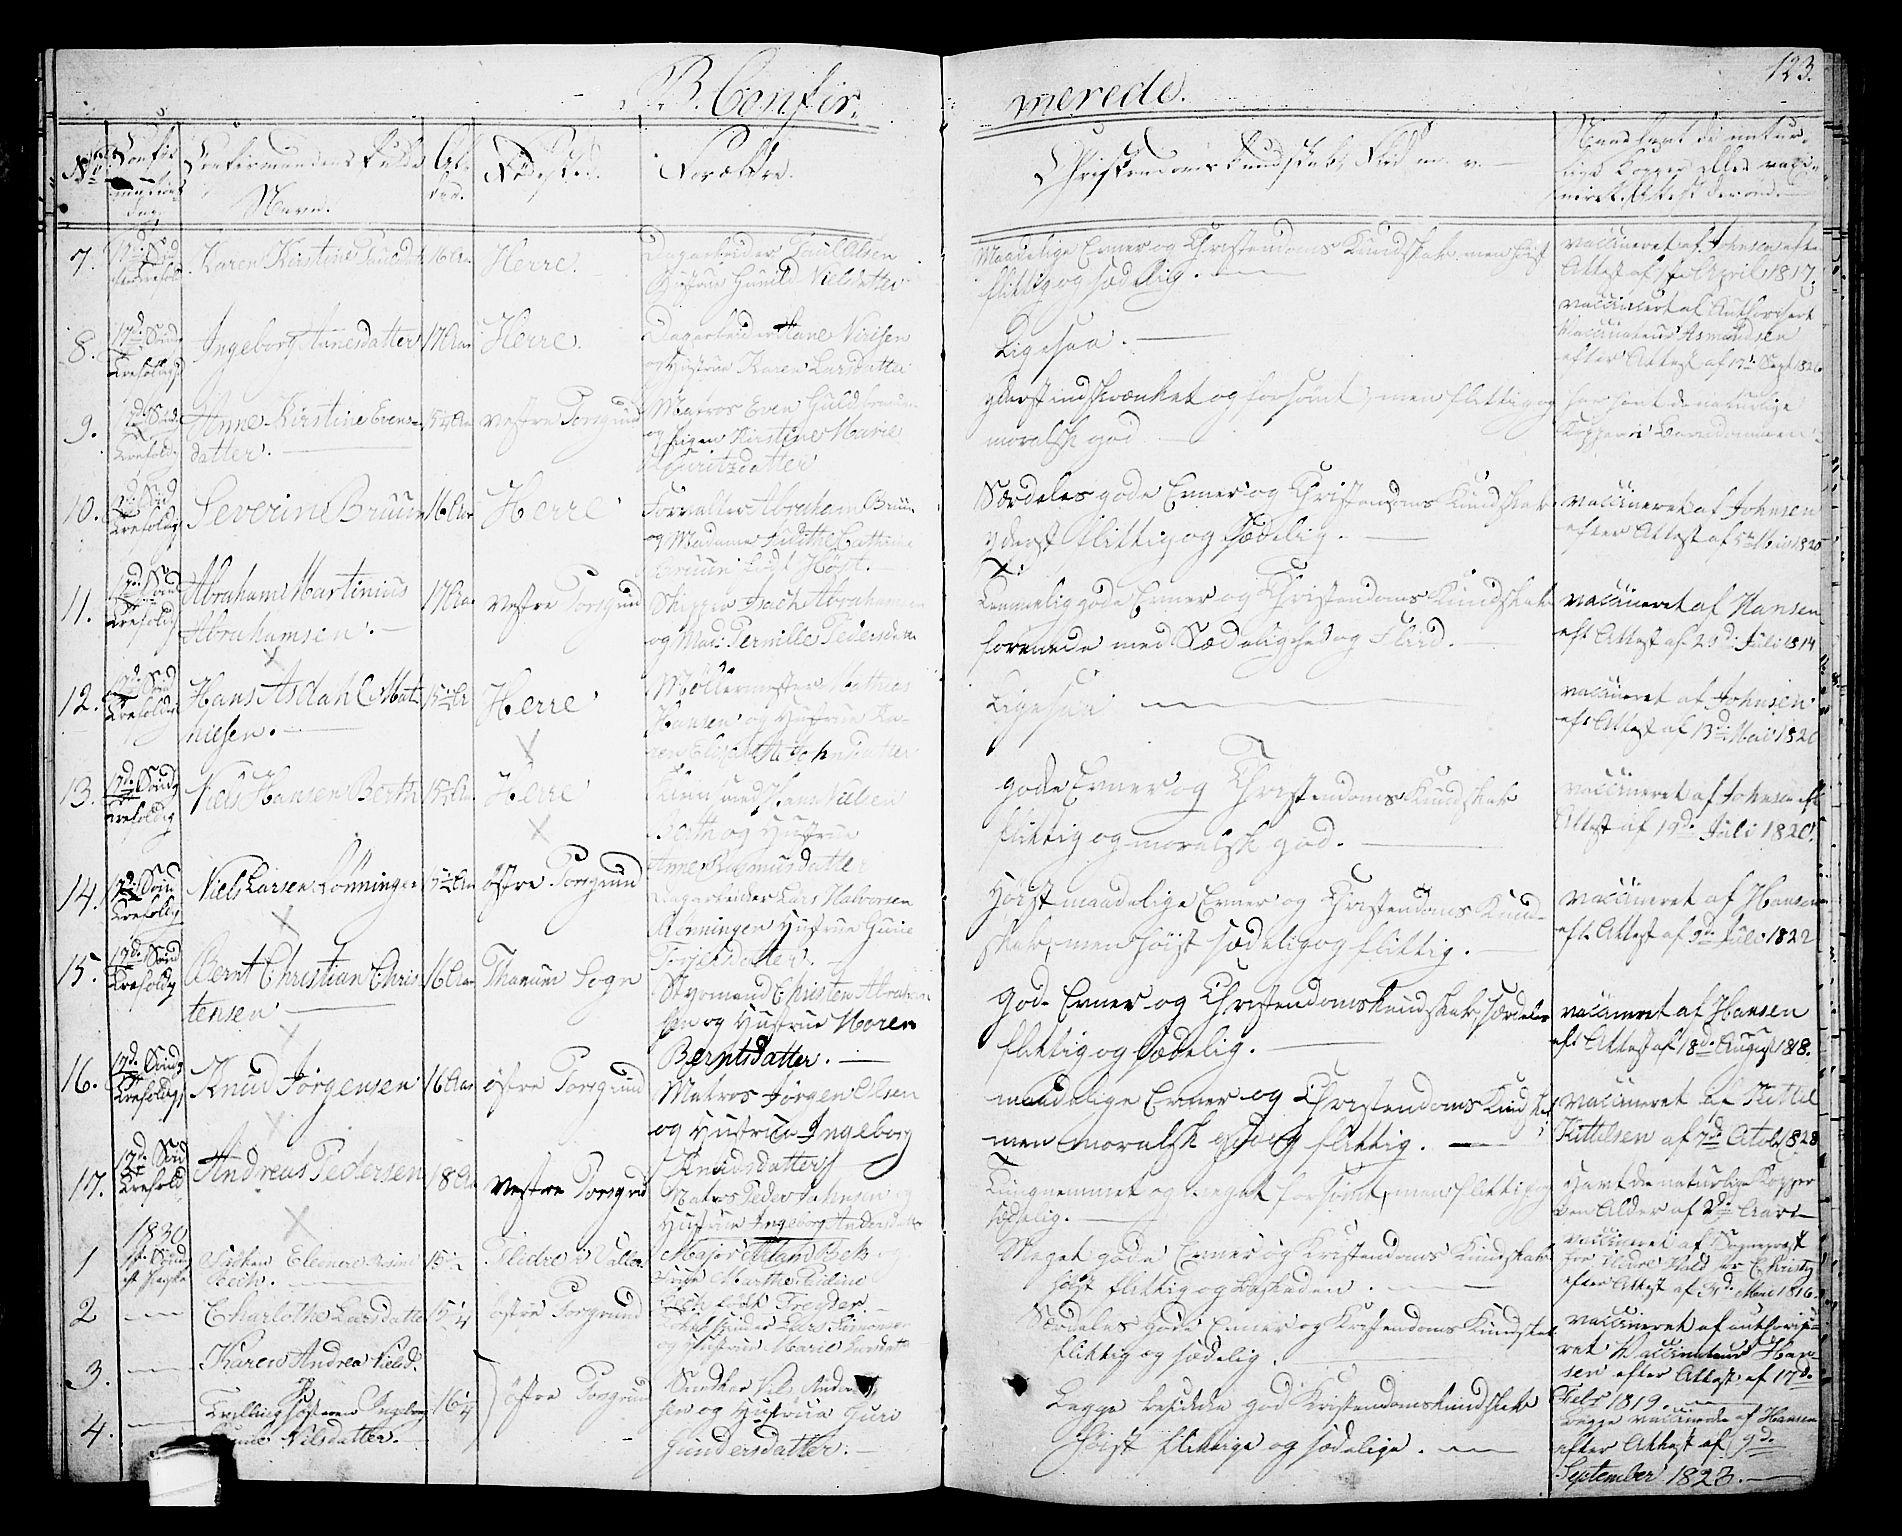 SAKO, Porsgrunn kirkebøker , G/Gb/L0002: Klokkerbok nr. II 2, 1828-1841, s. 123